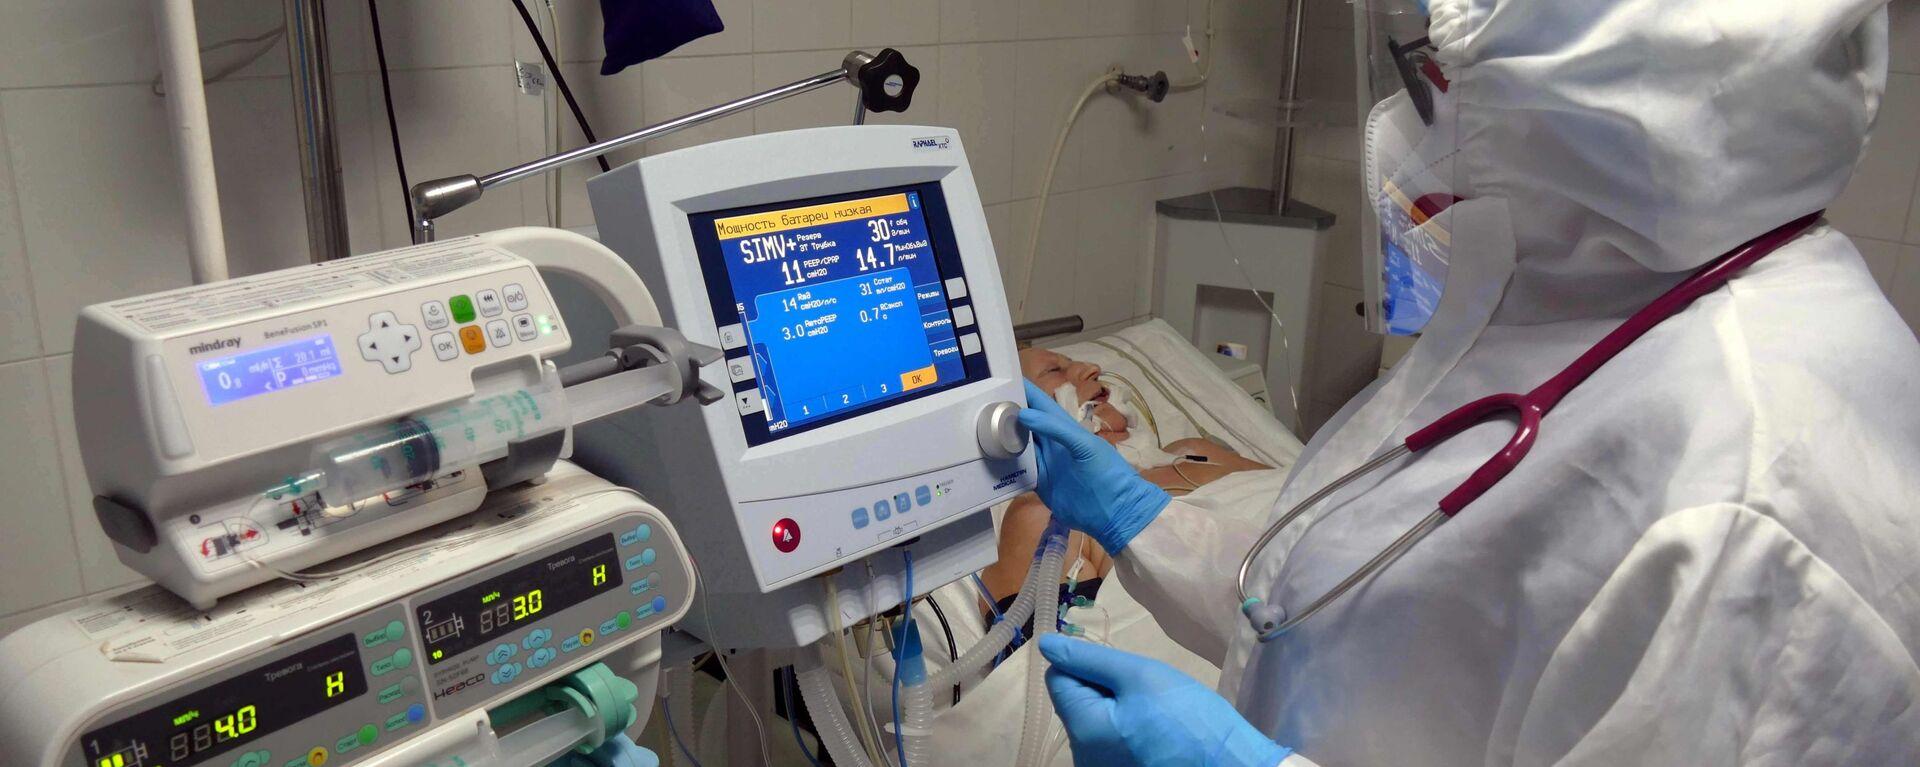 Медицинский работник и пациент в отделении анестезиологии и интенсивной терапии в клинической больнице, где оказывают медицинскую помощь больным с COVID-19. - Sputnik Latvija, 1920, 02.05.2021